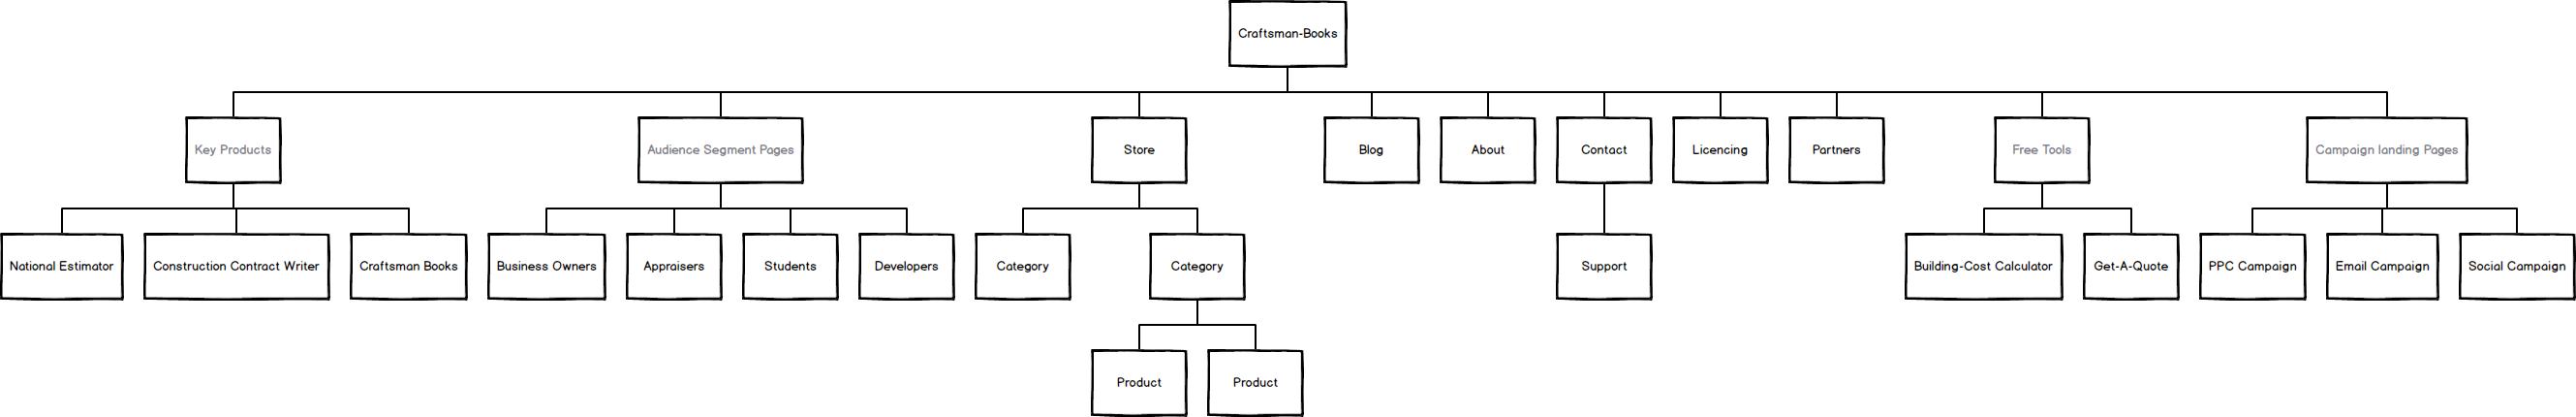 craftsman-book-sitemap